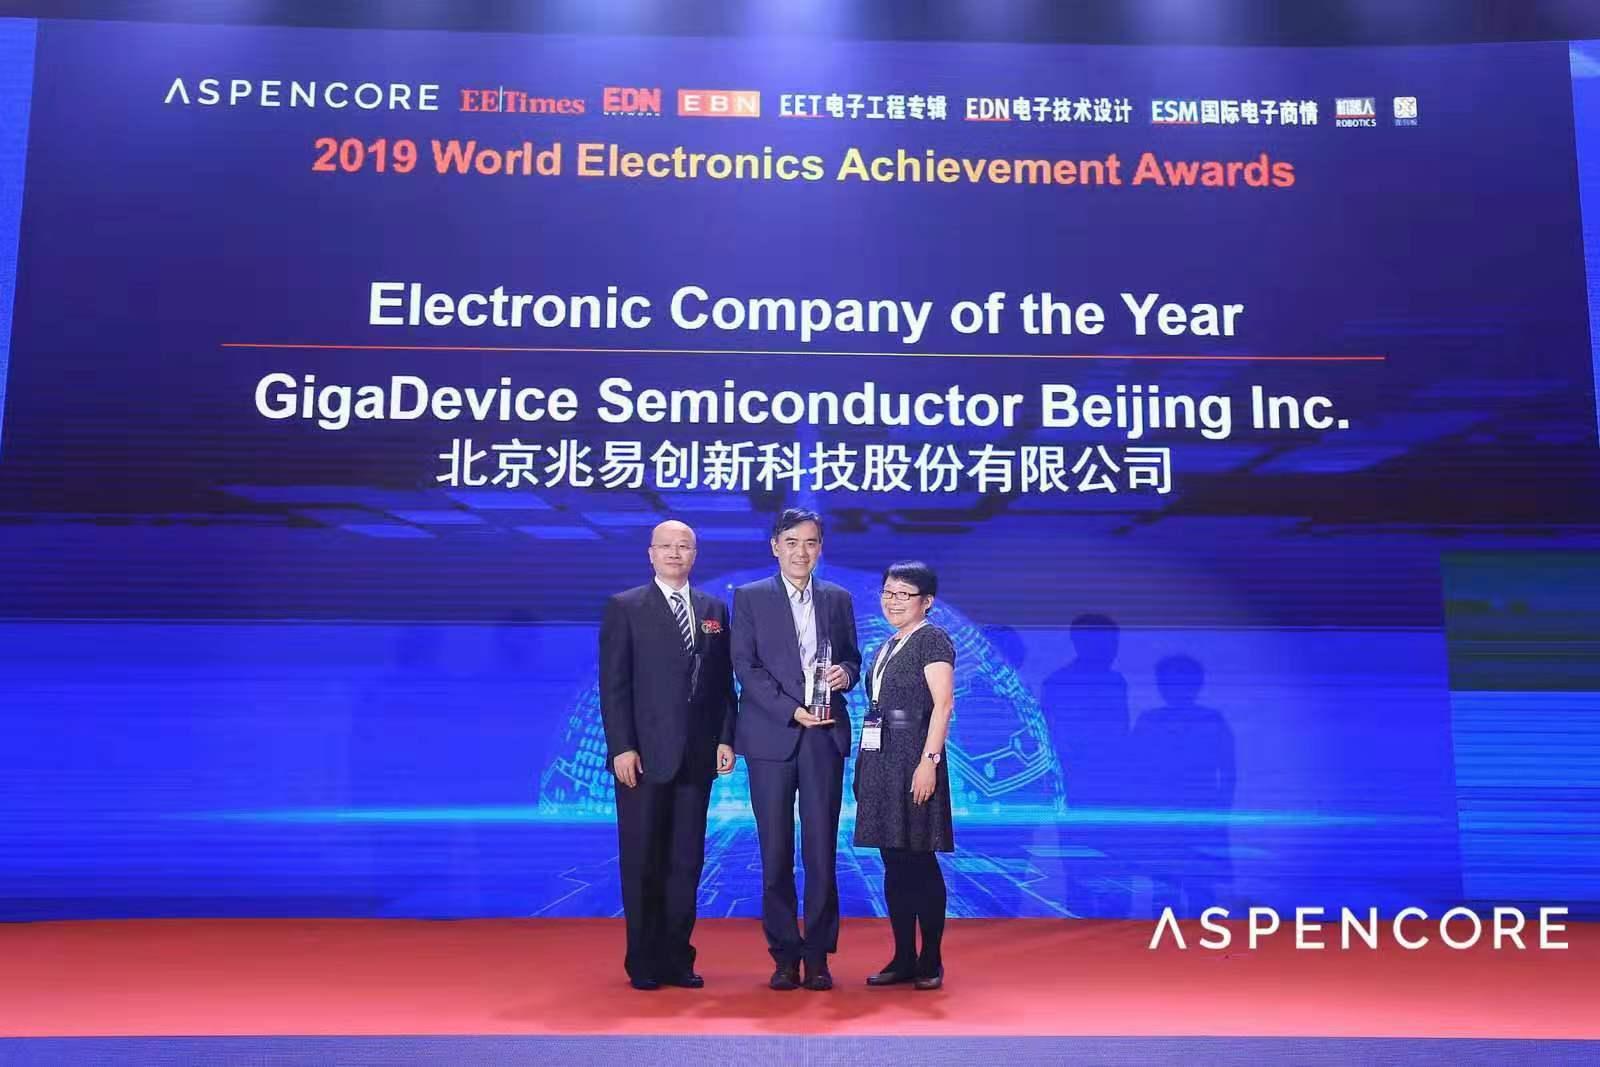 """兆易创新荣获全球电子成就奖之 """"年度最佳电子企业奖""""和""""年度微控制器/接口产品奖"""""""